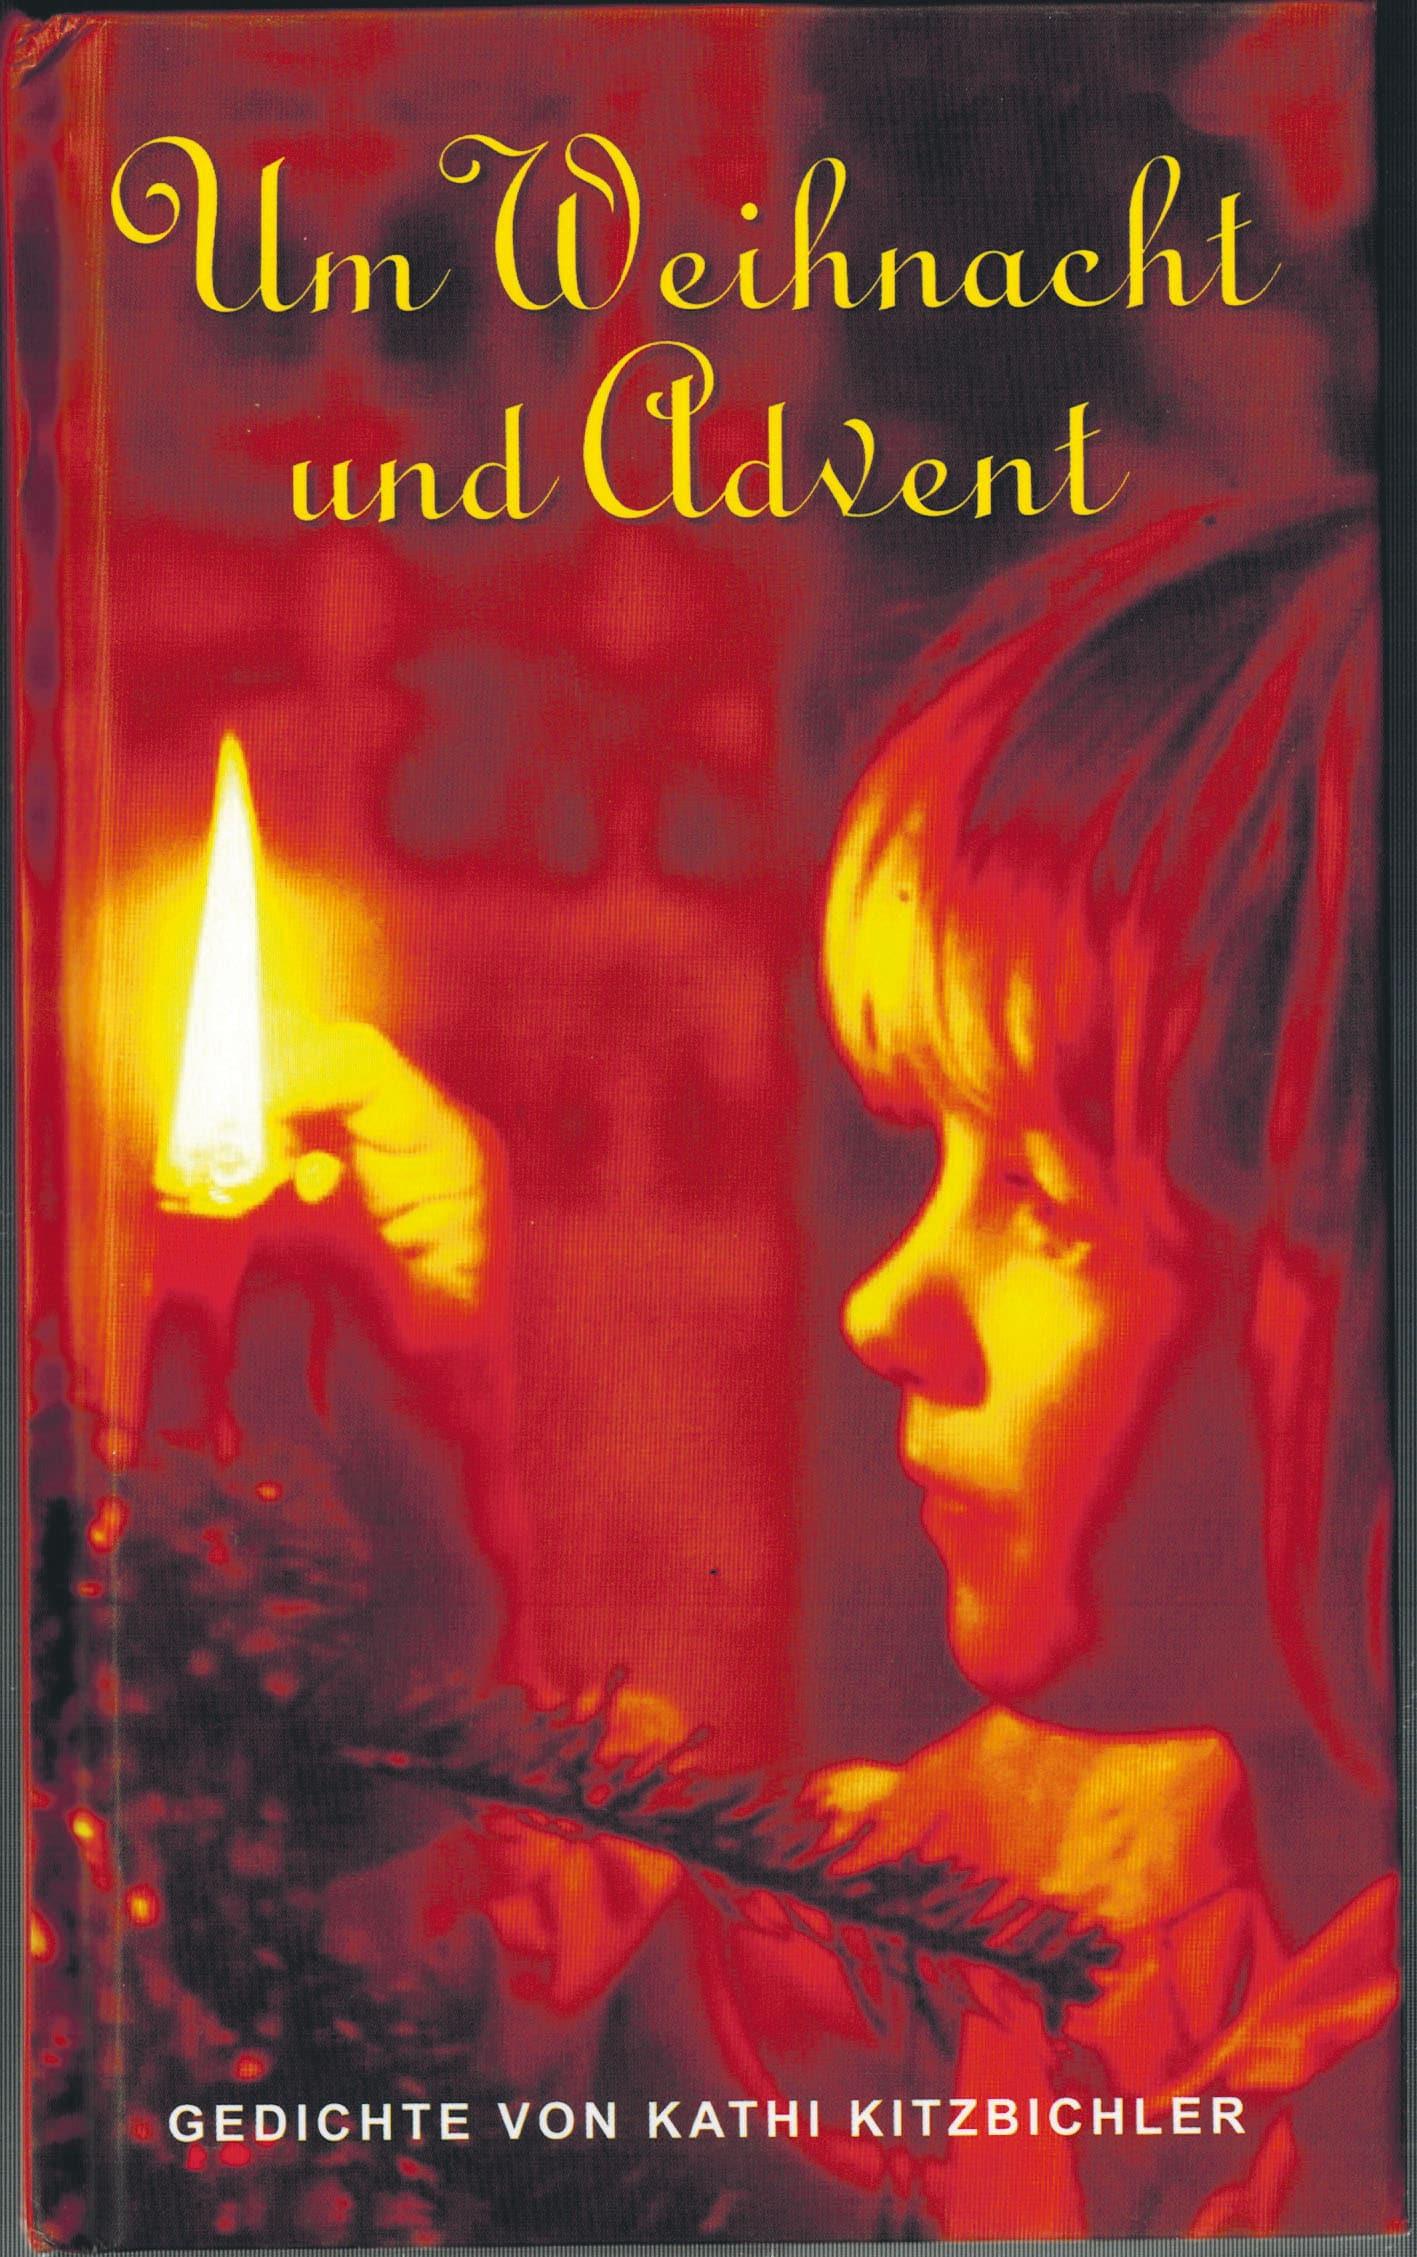 Gedichte Für Weihnachten Und Advent Bauernzeitung